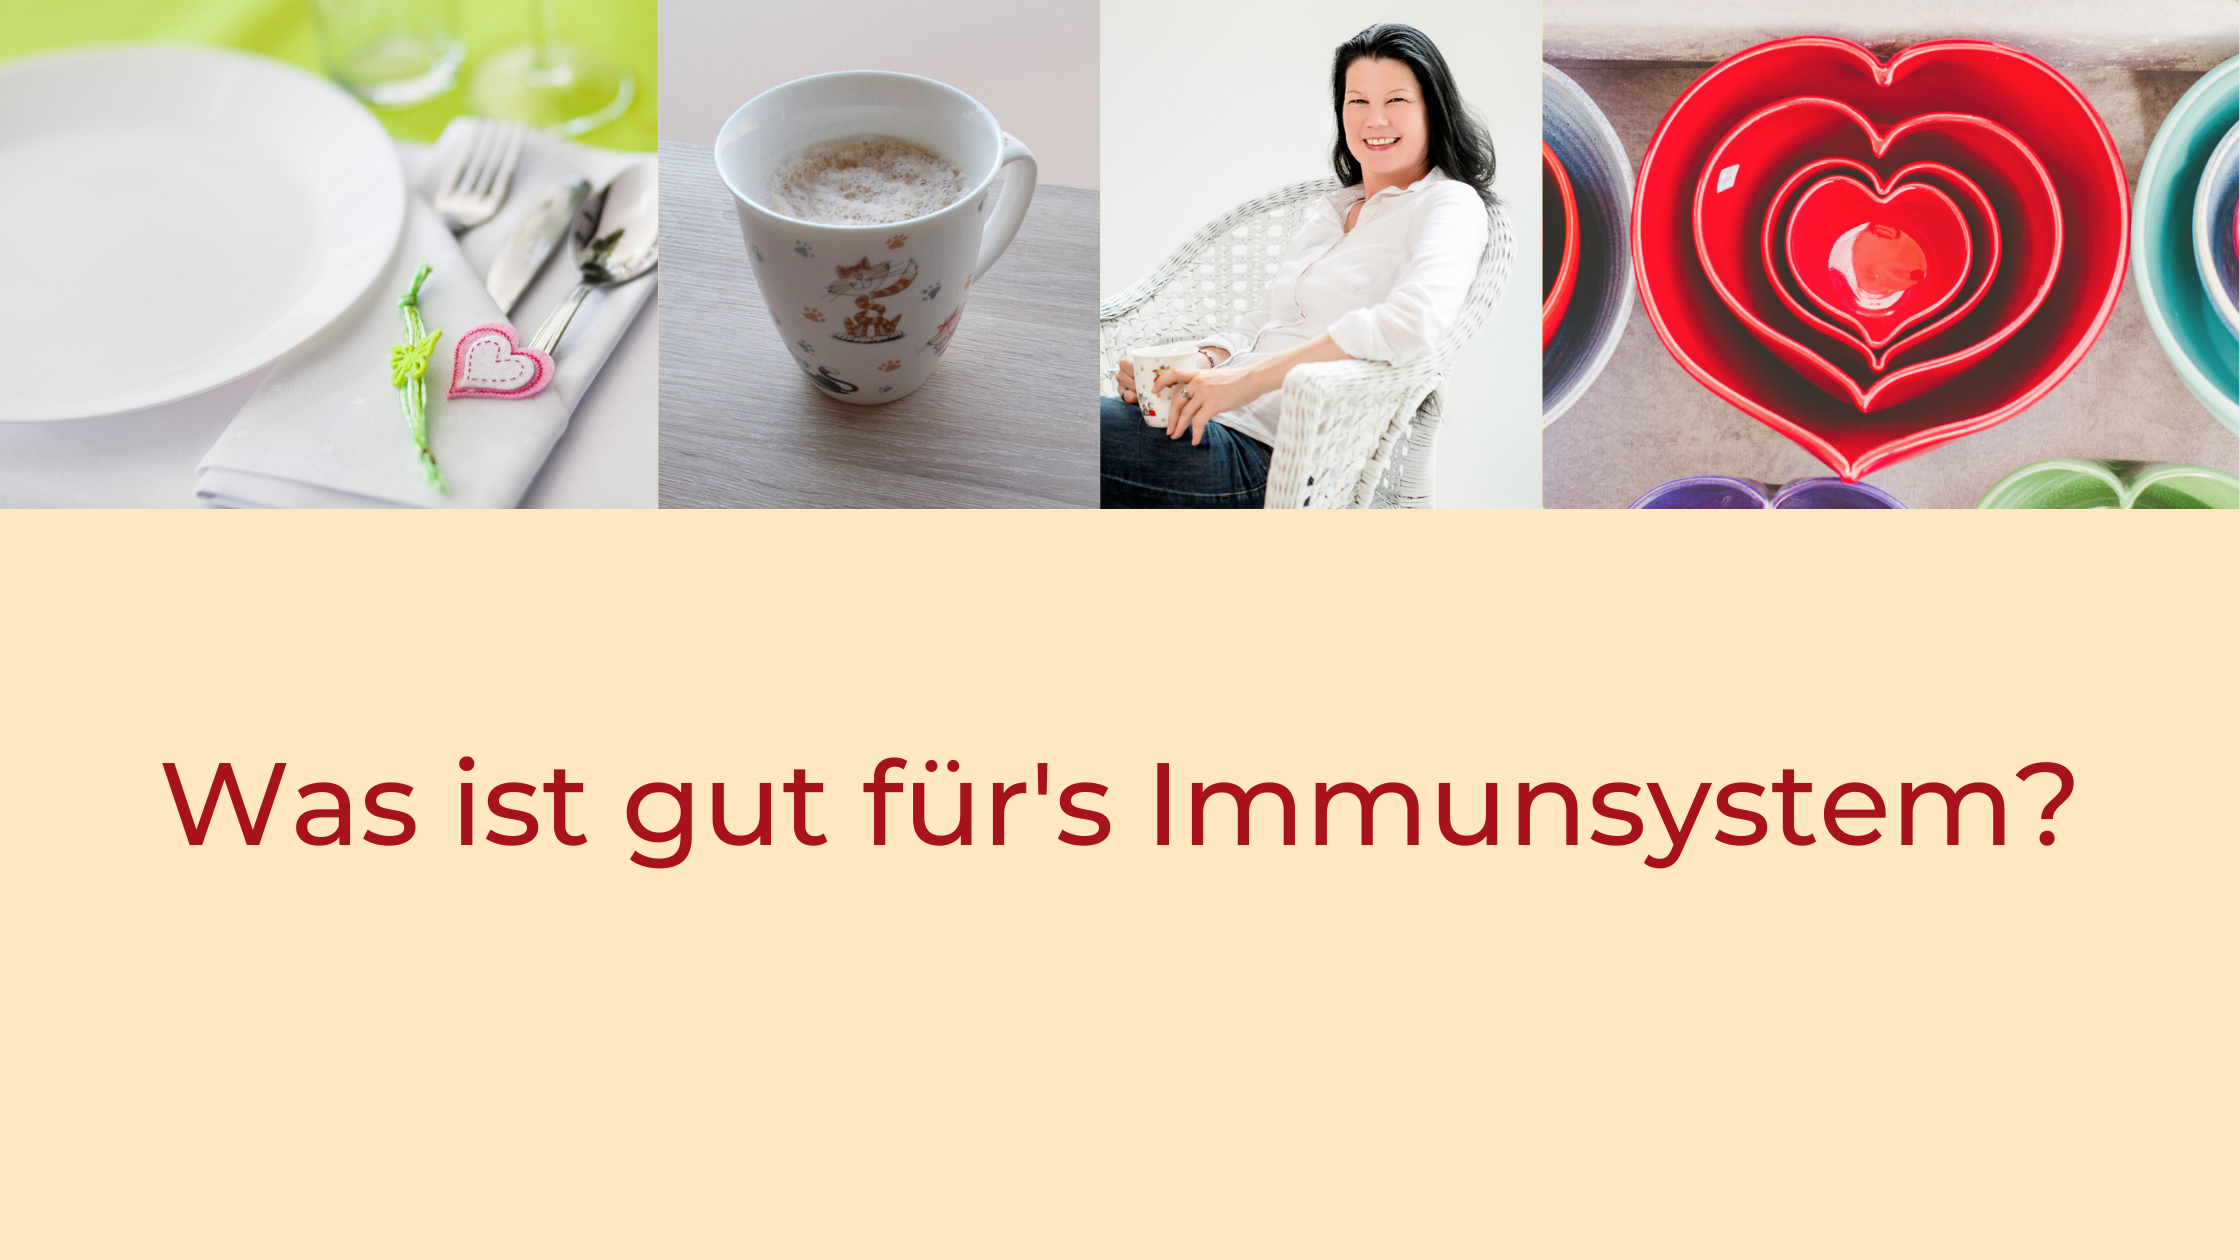 Titel Was ist gut für's Immunsystem?